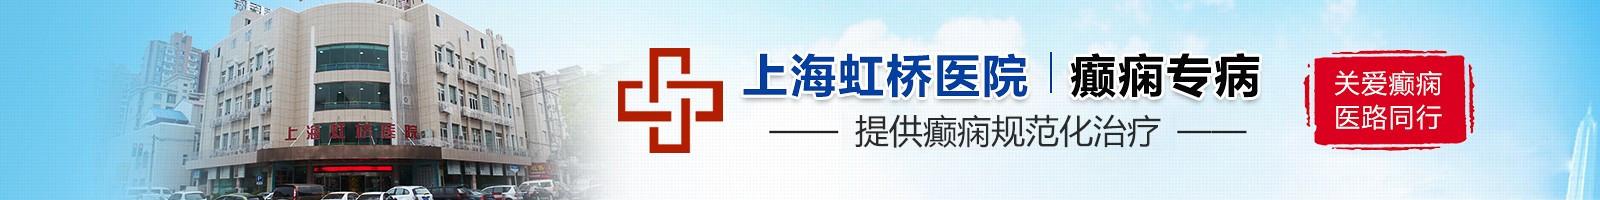 上海虹桥医院-癫痫怎么治疗三个方法控制发作